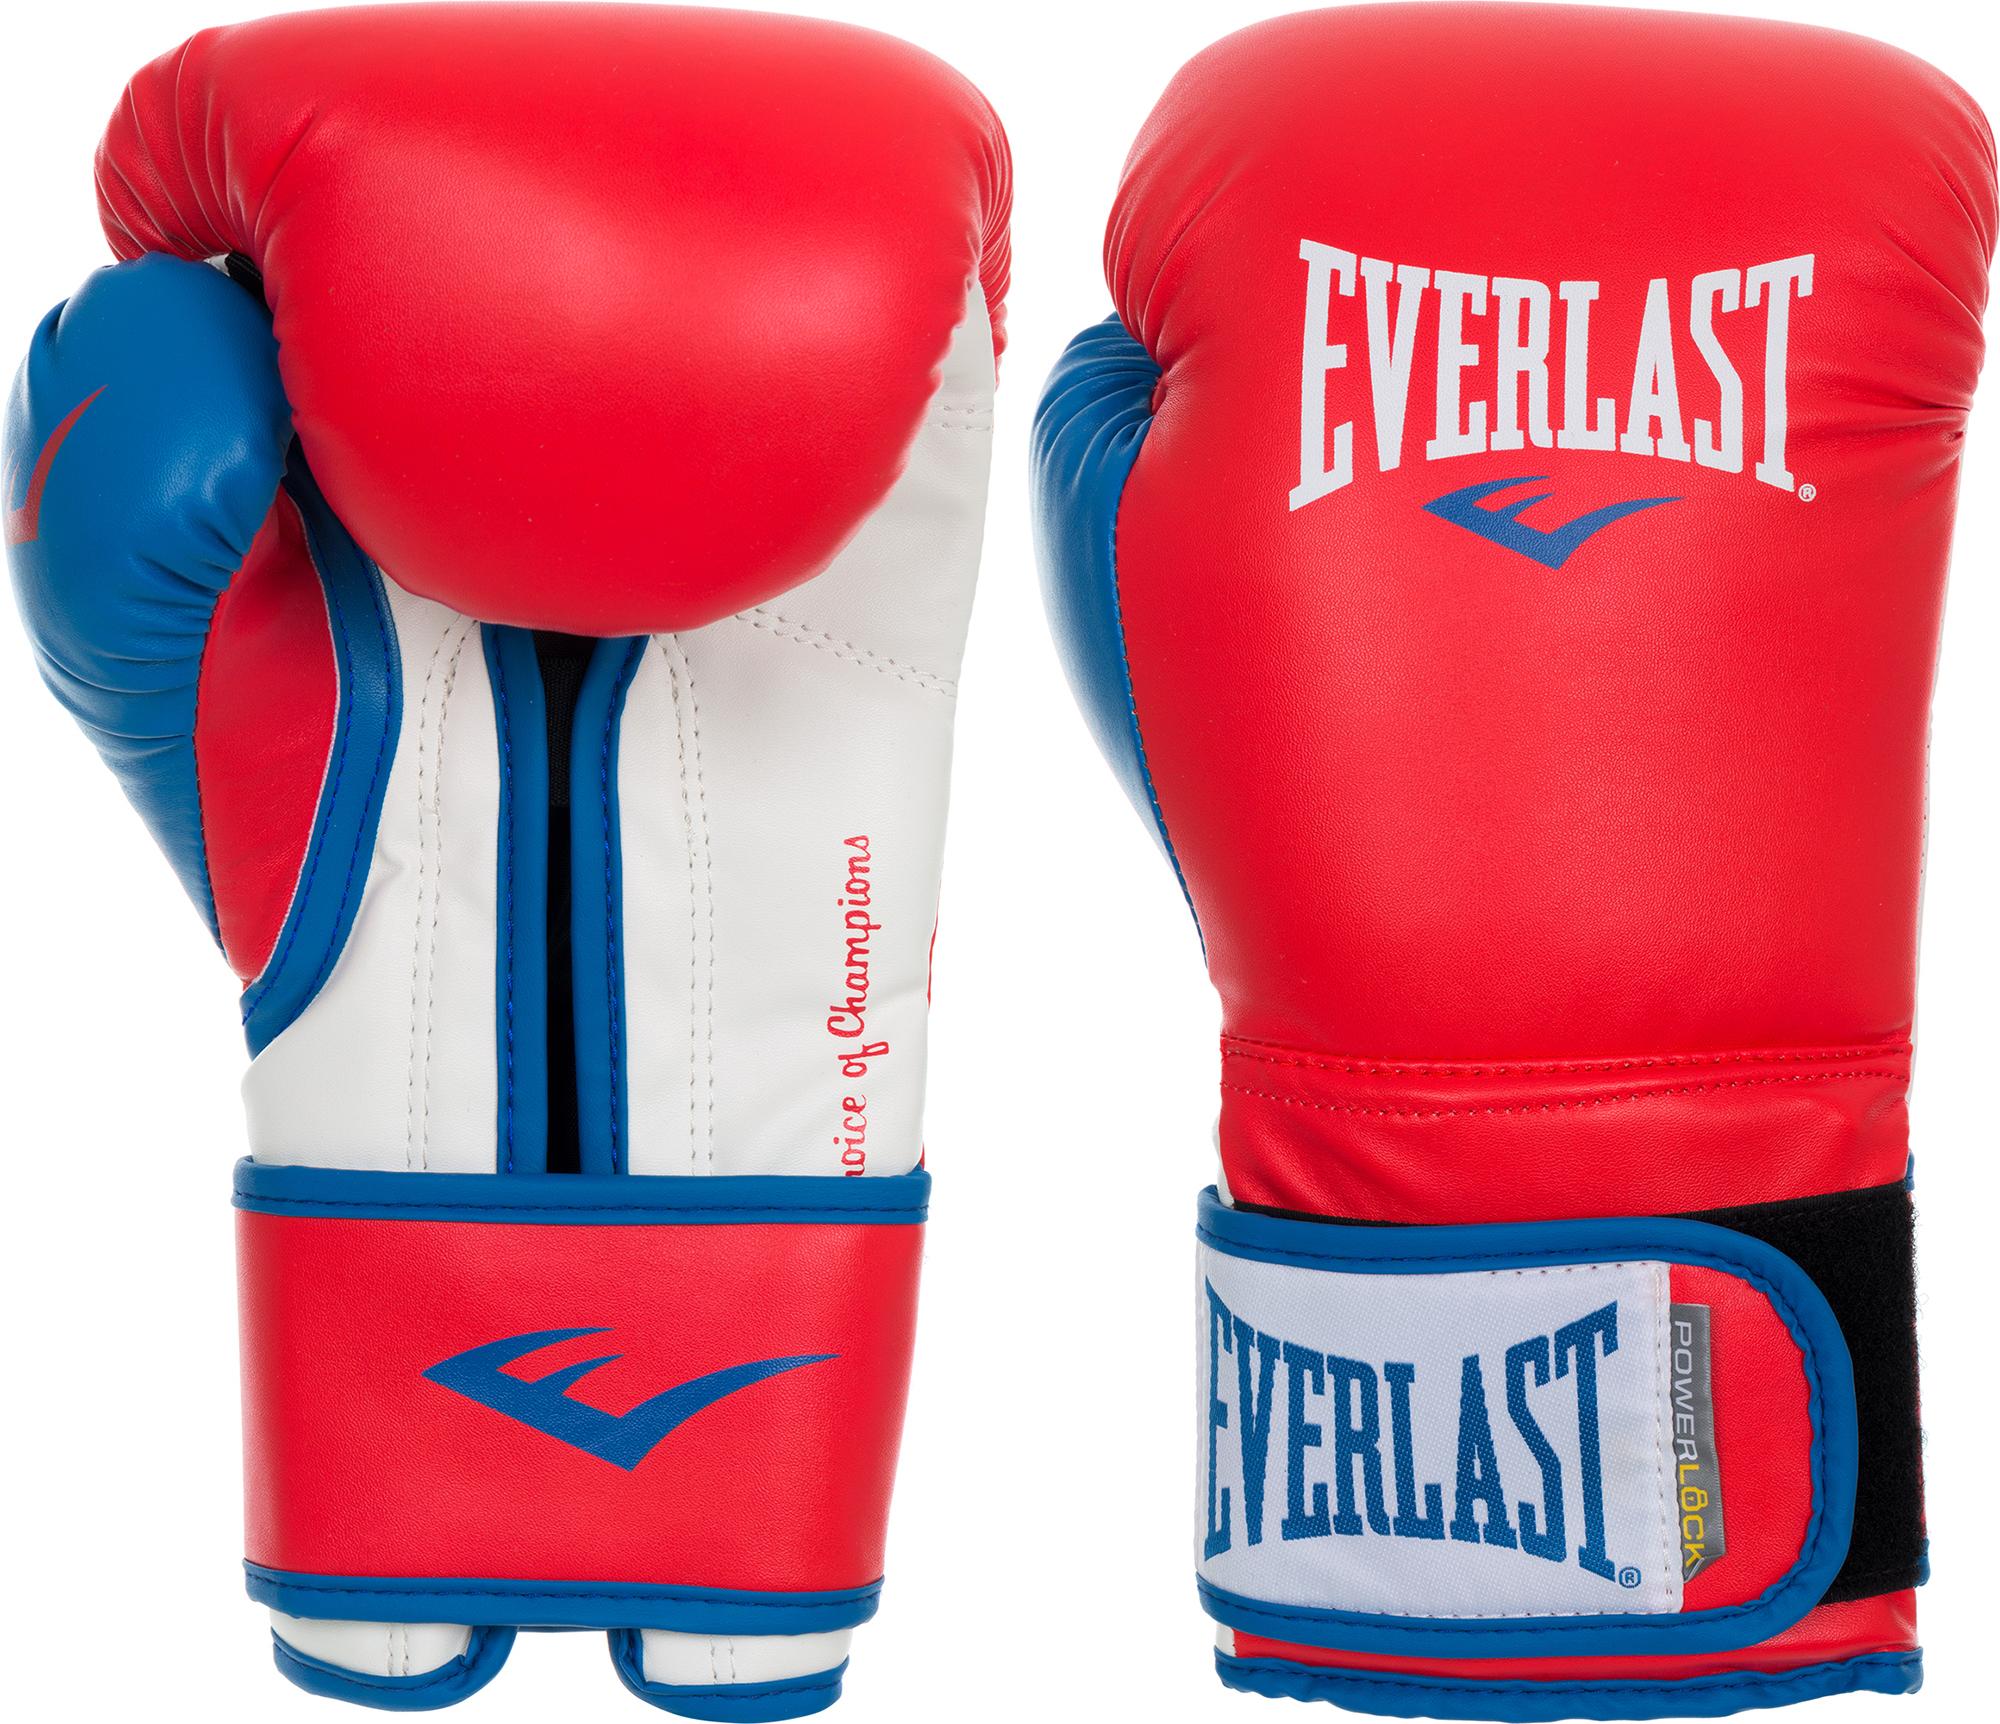 Everlast Перчатки боксерские Everlast Powerlock боксерские перчатки в магазинах москвы